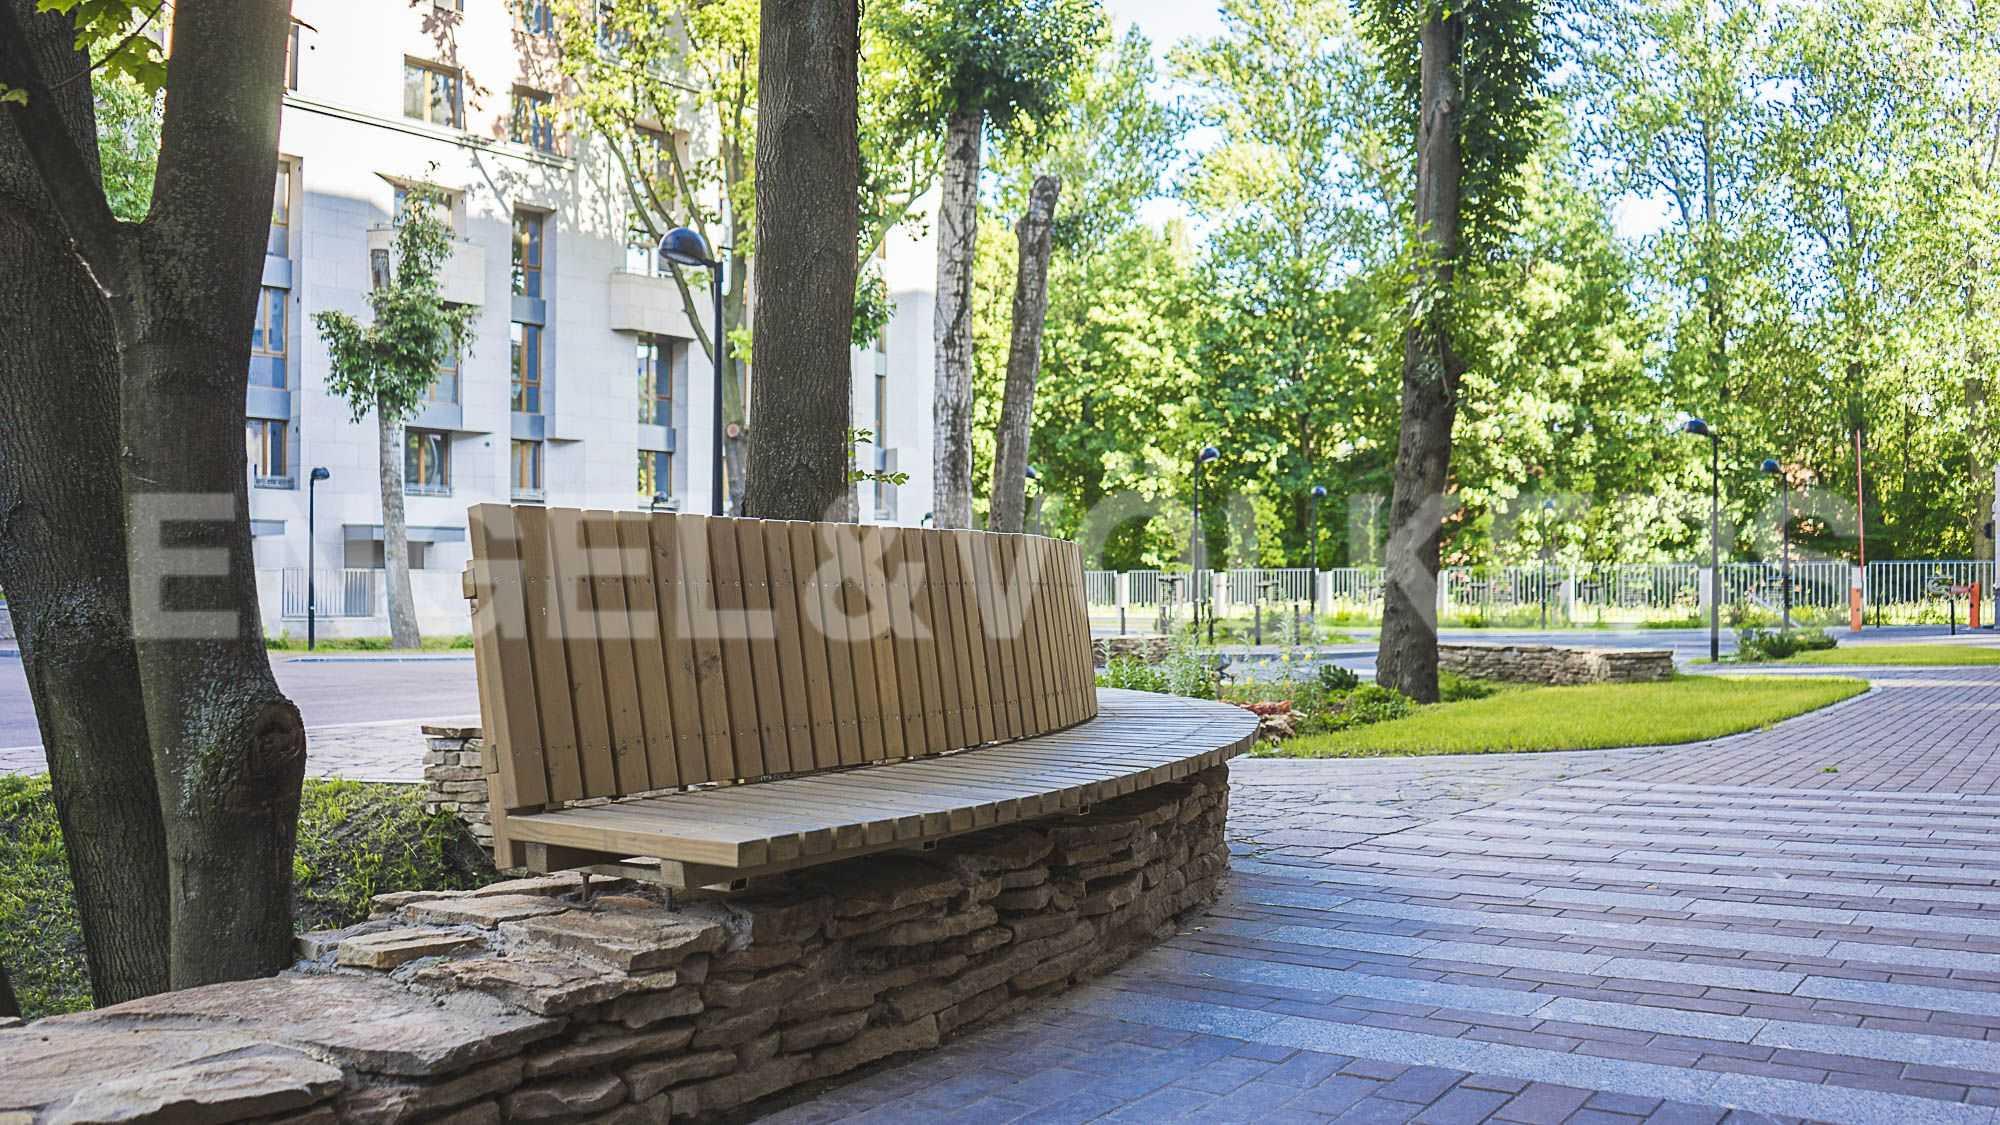 Элитные квартиры в Центральном районе. Санкт-Петербург, Смольная наб.,8. Зона отдыха на внутренней территории комплекса